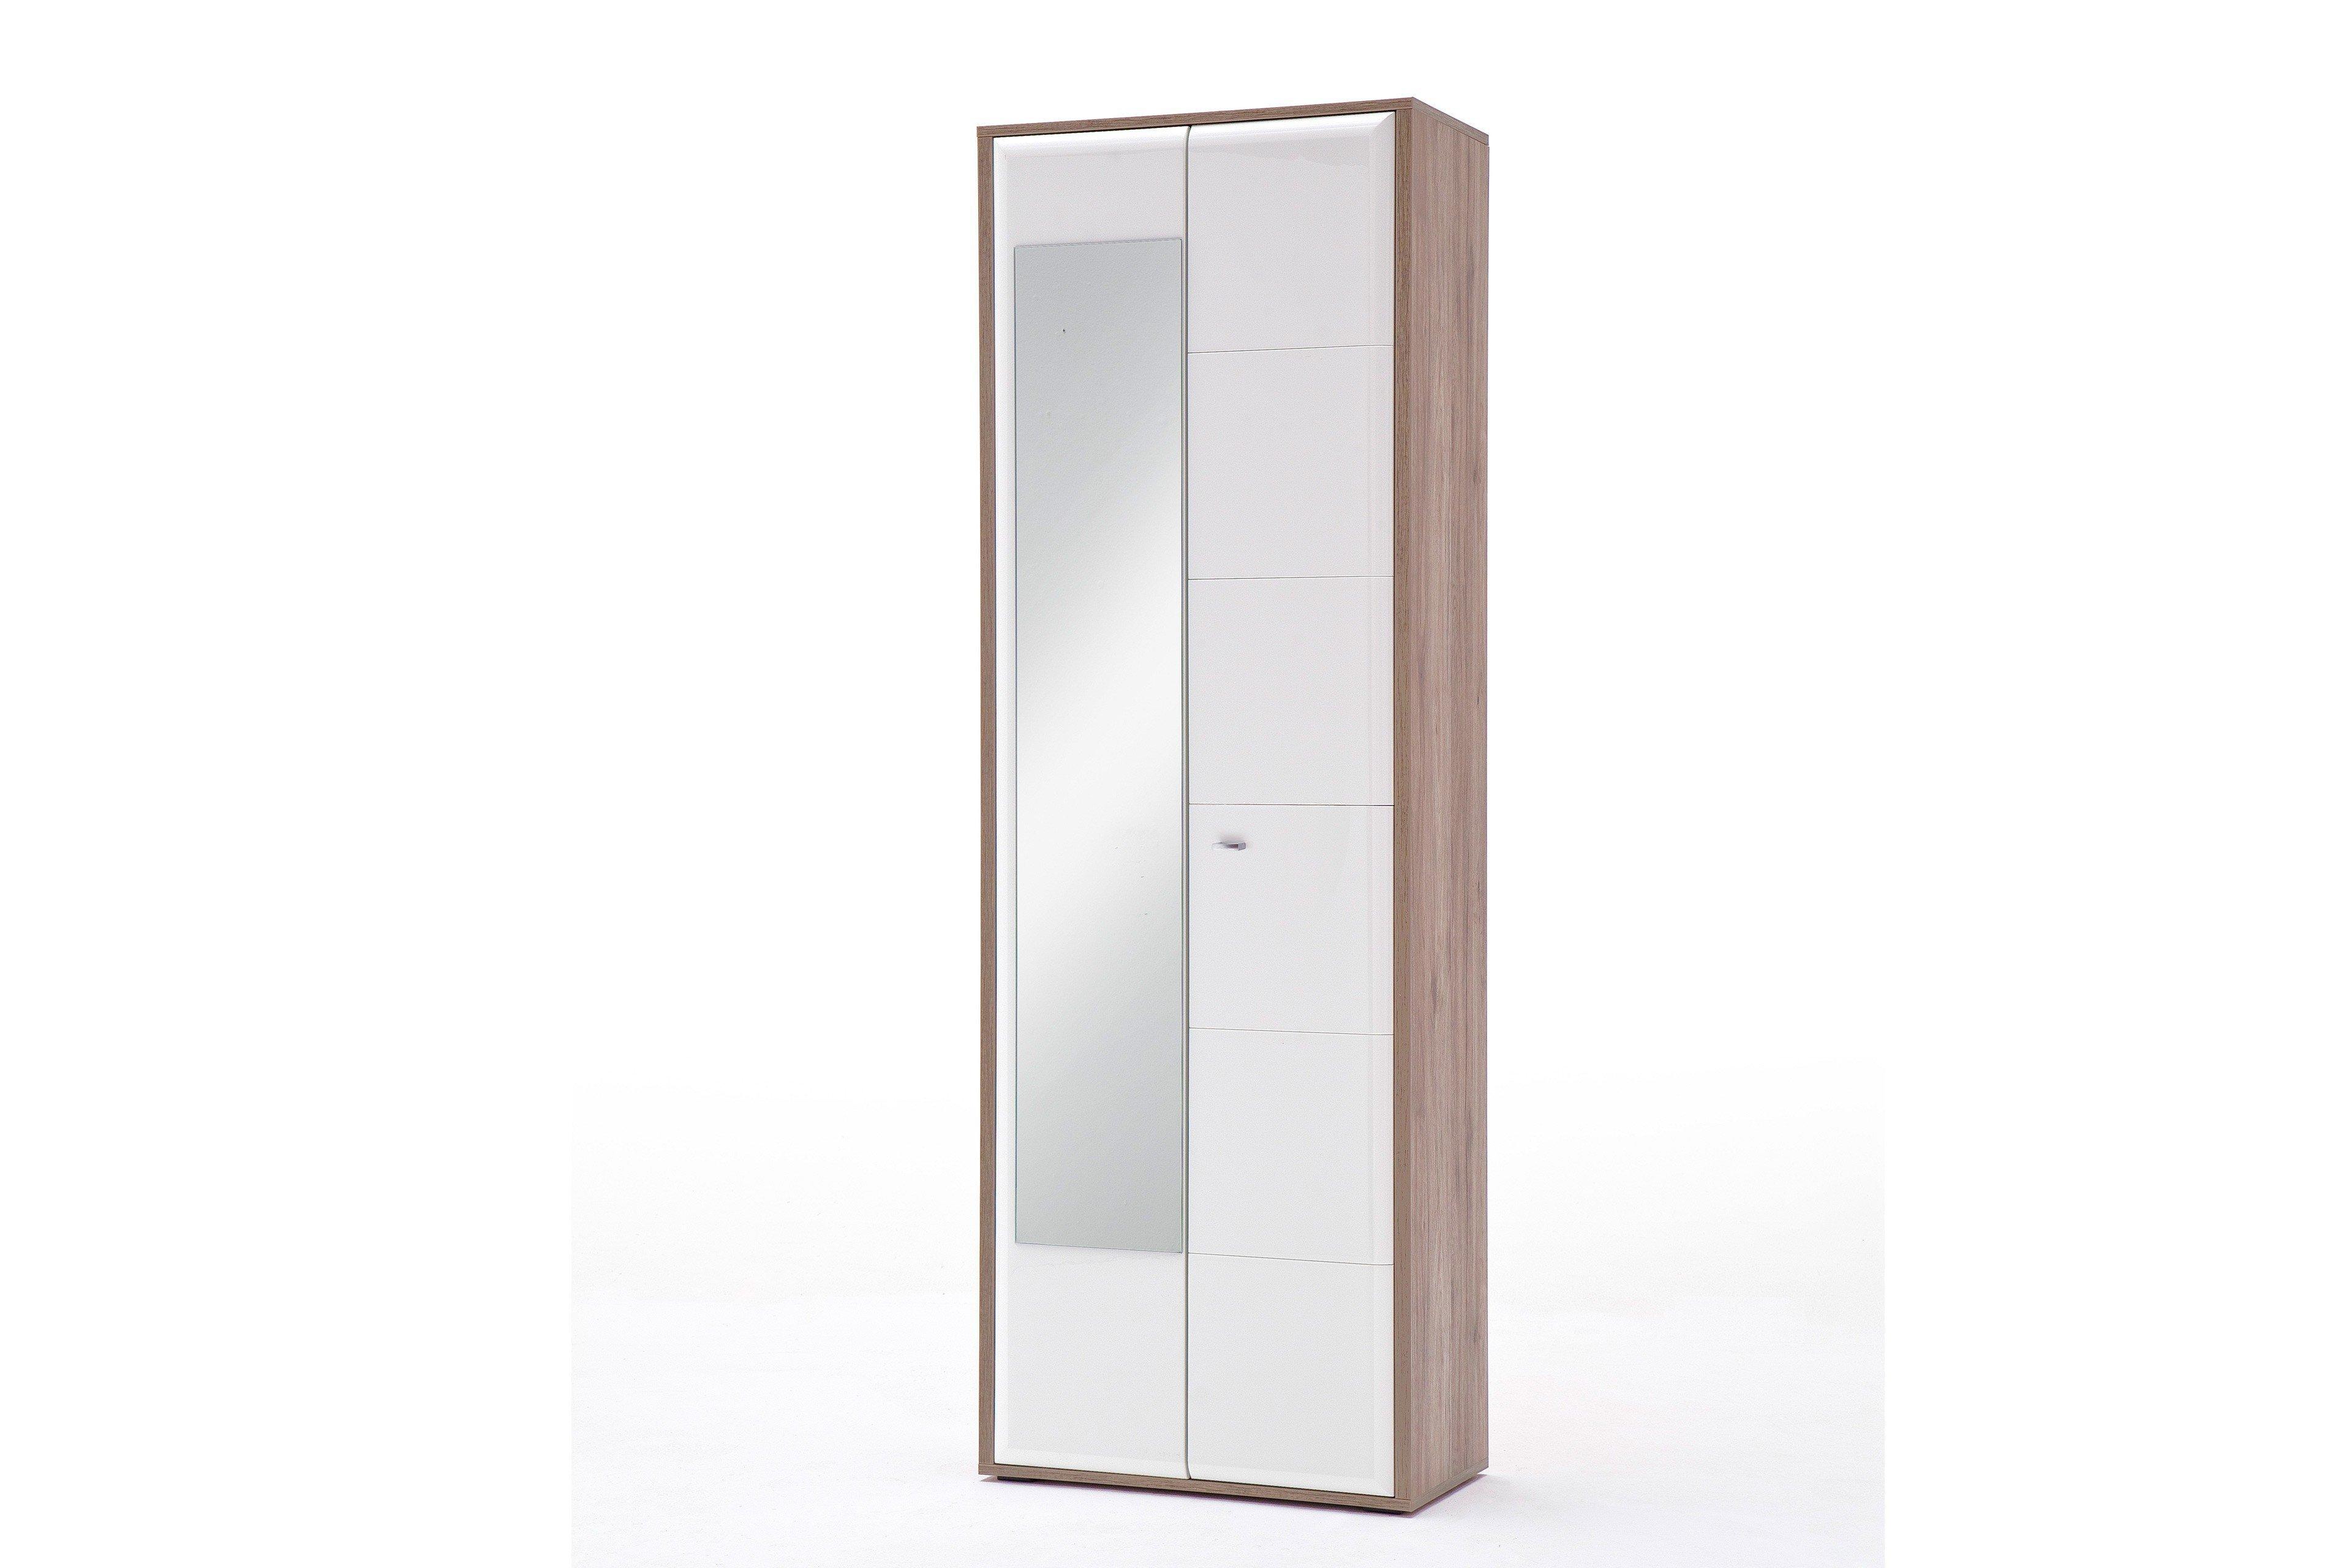 Exquisit Garderobenschrank Weiß Sammlung Von Comino Von Mca - In Hochglanz Weiß